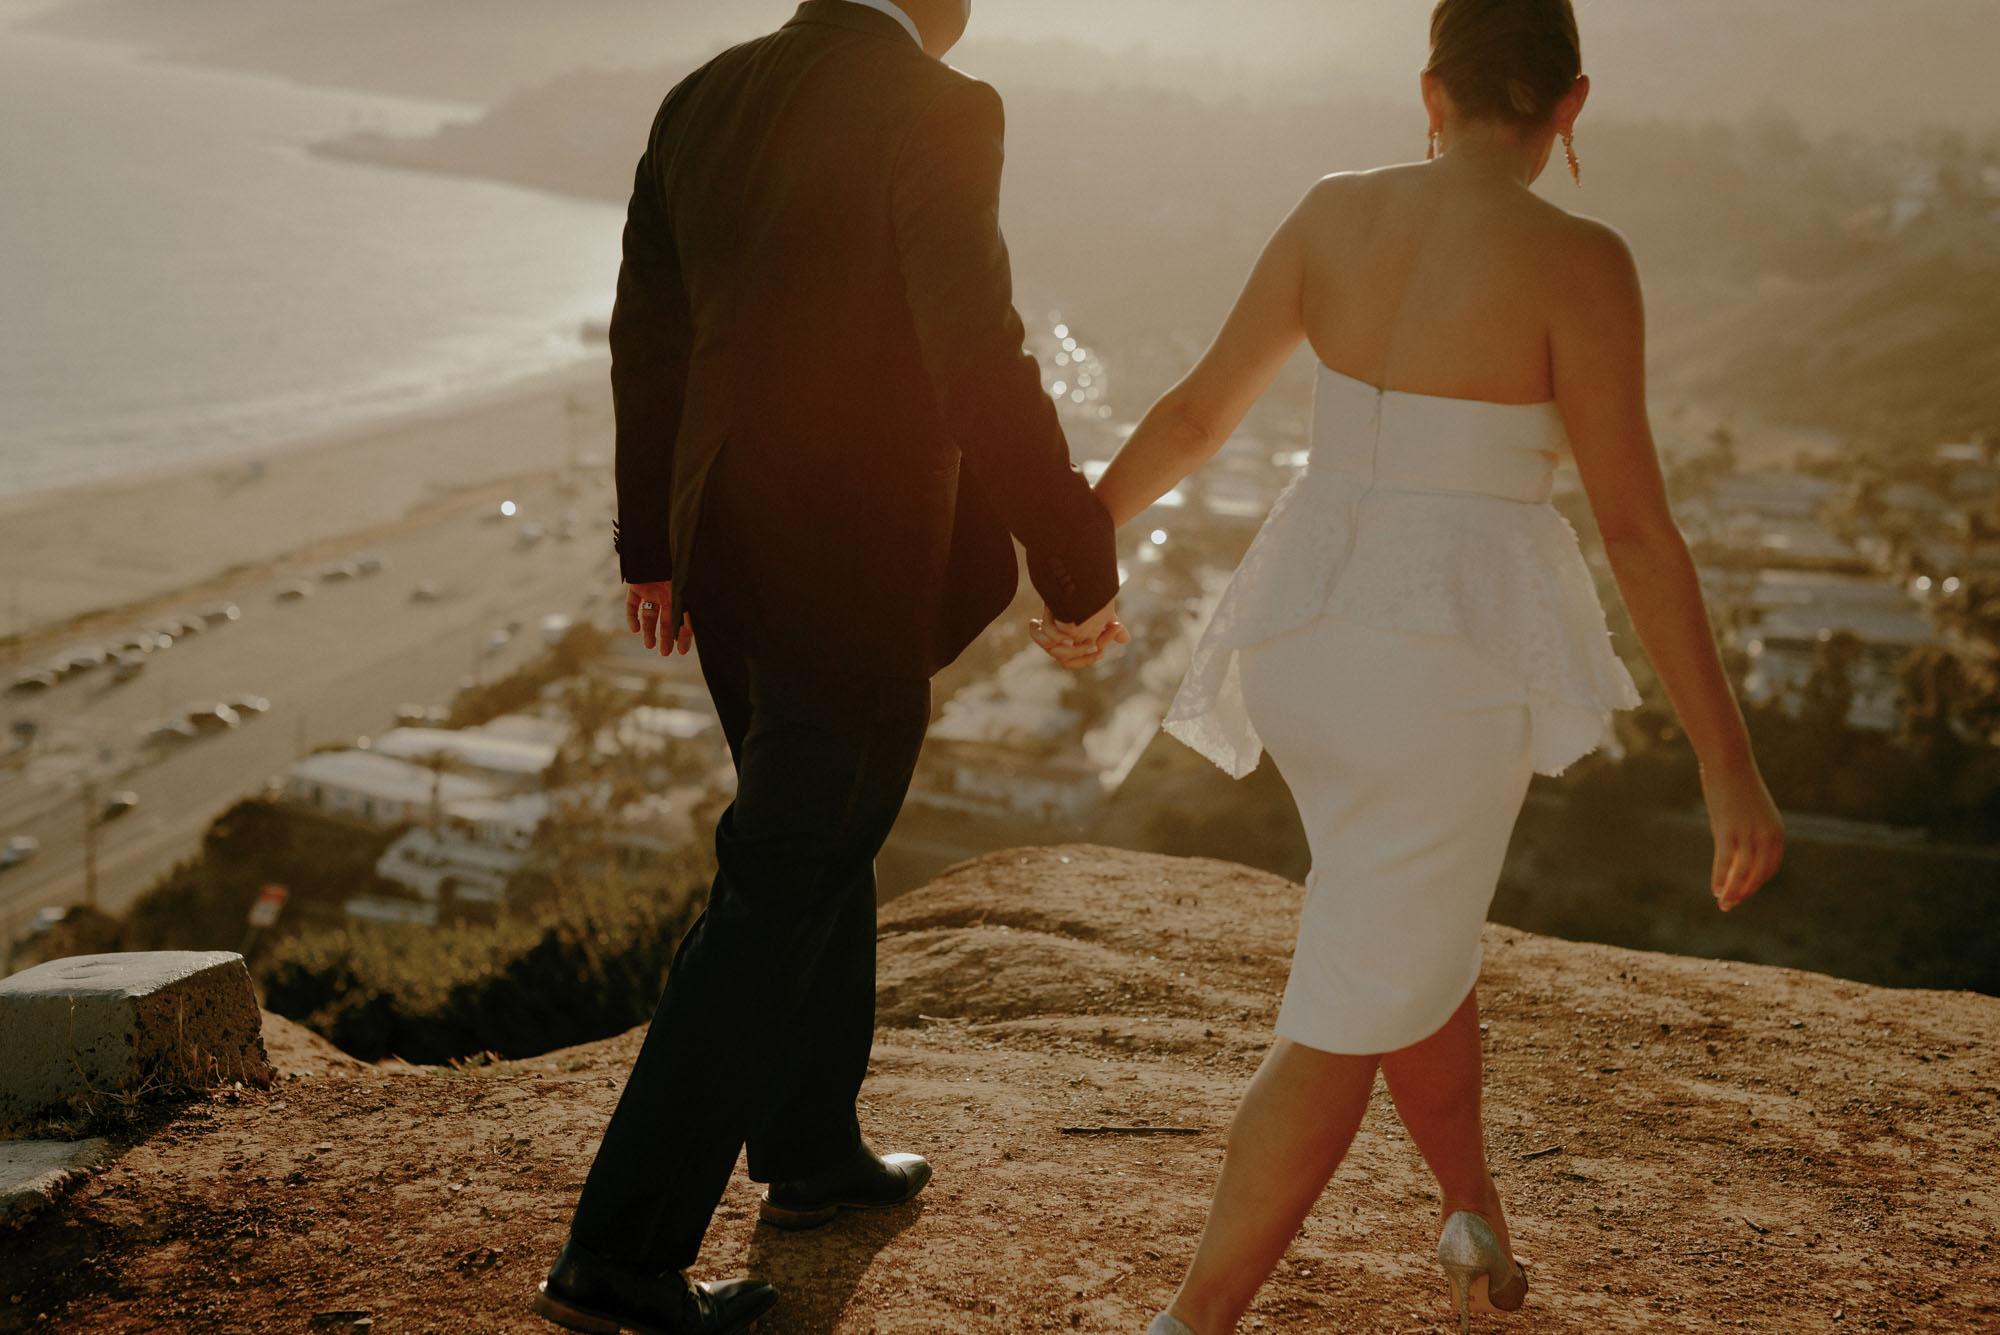 Ebony-Jason-Wedding-Indulge-Magazine-11-of-16.jpg